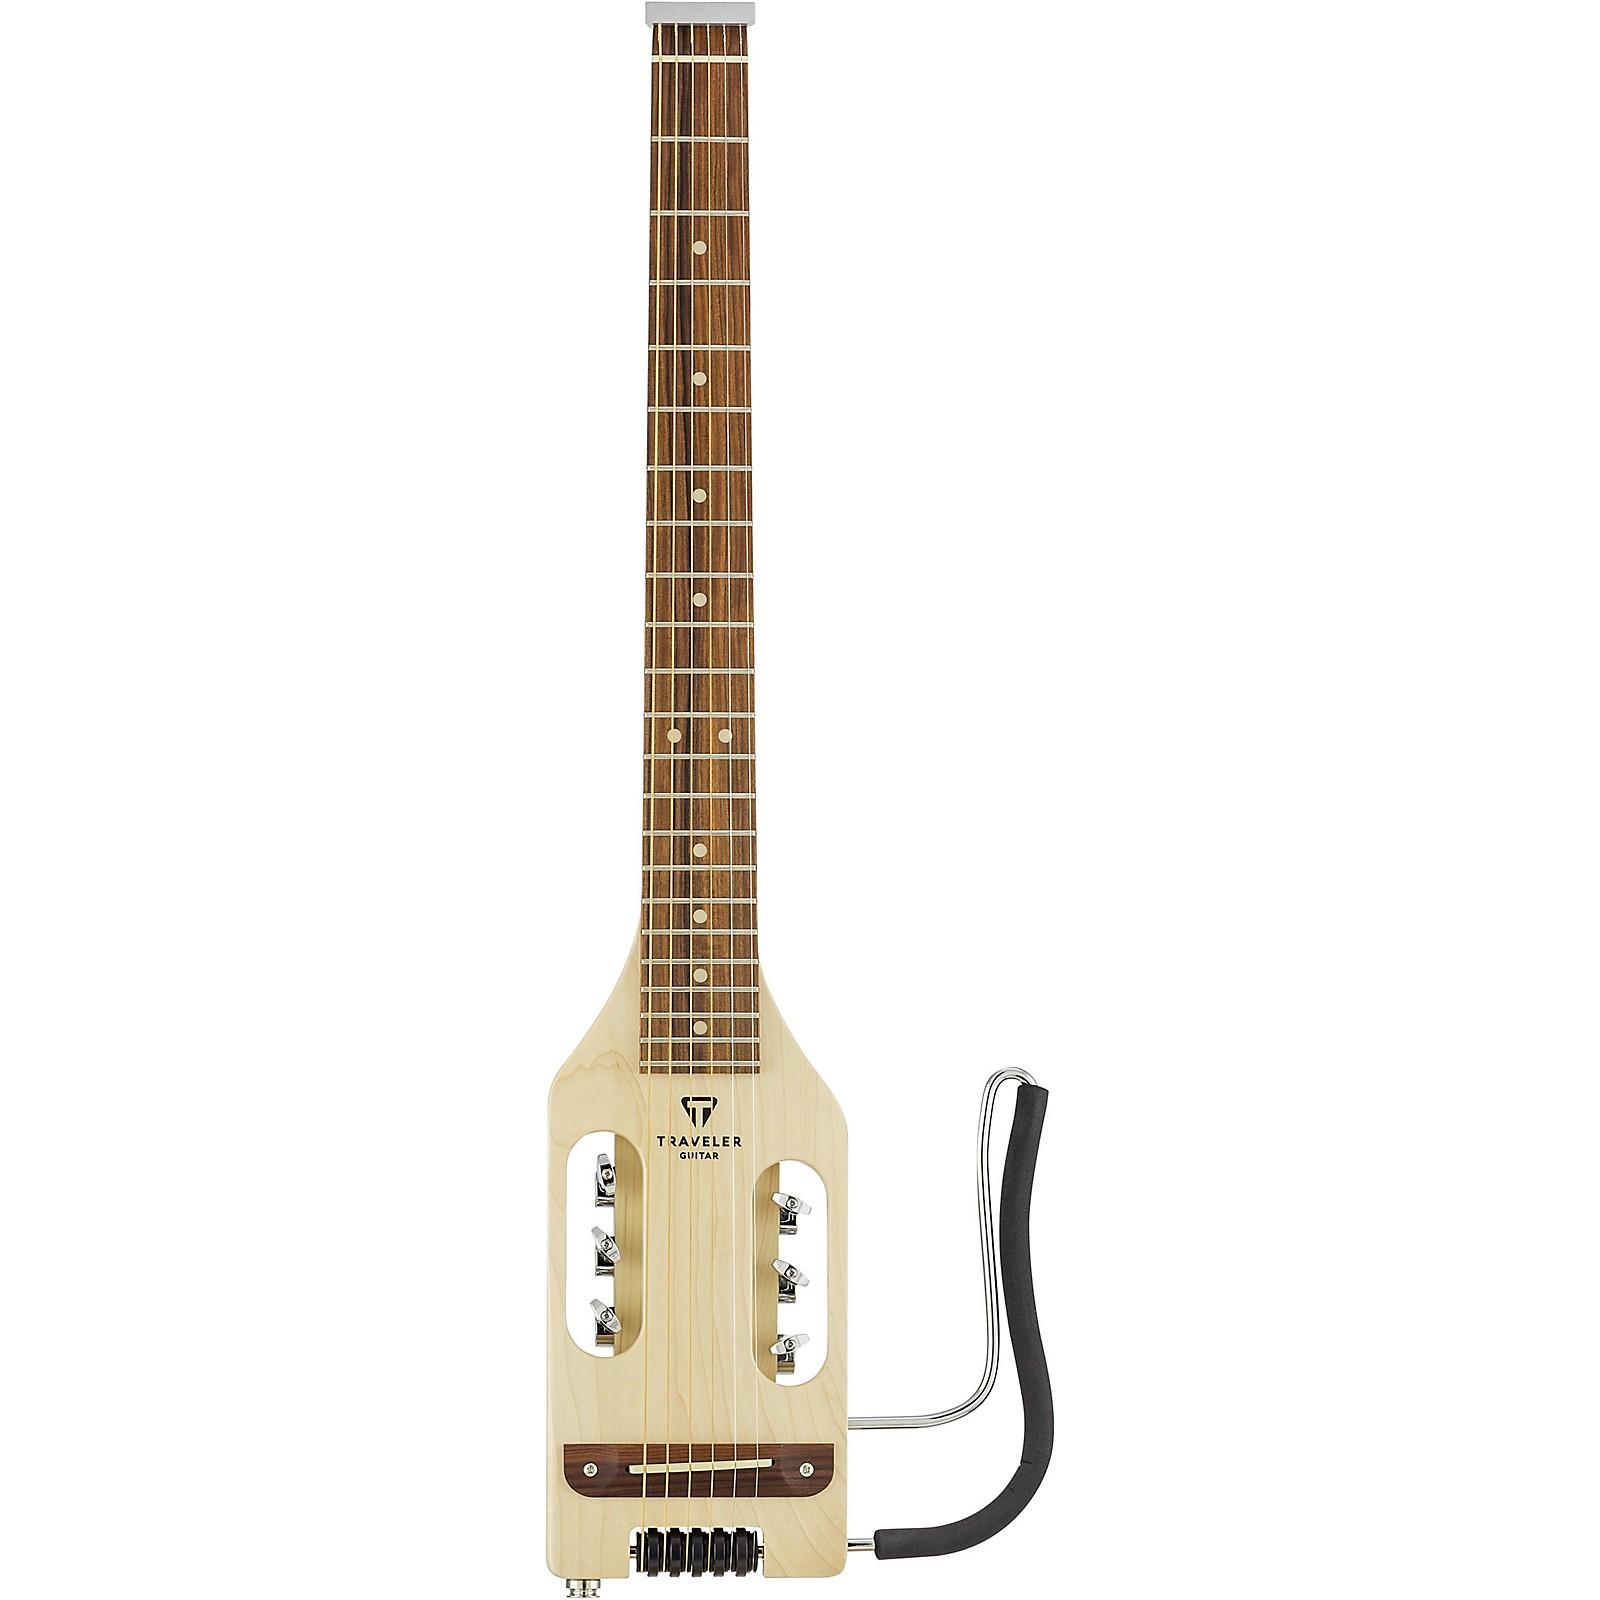 Traveler Guitar Traveler Guitar Ultra-Light Acoustic Pau Ferro Maple